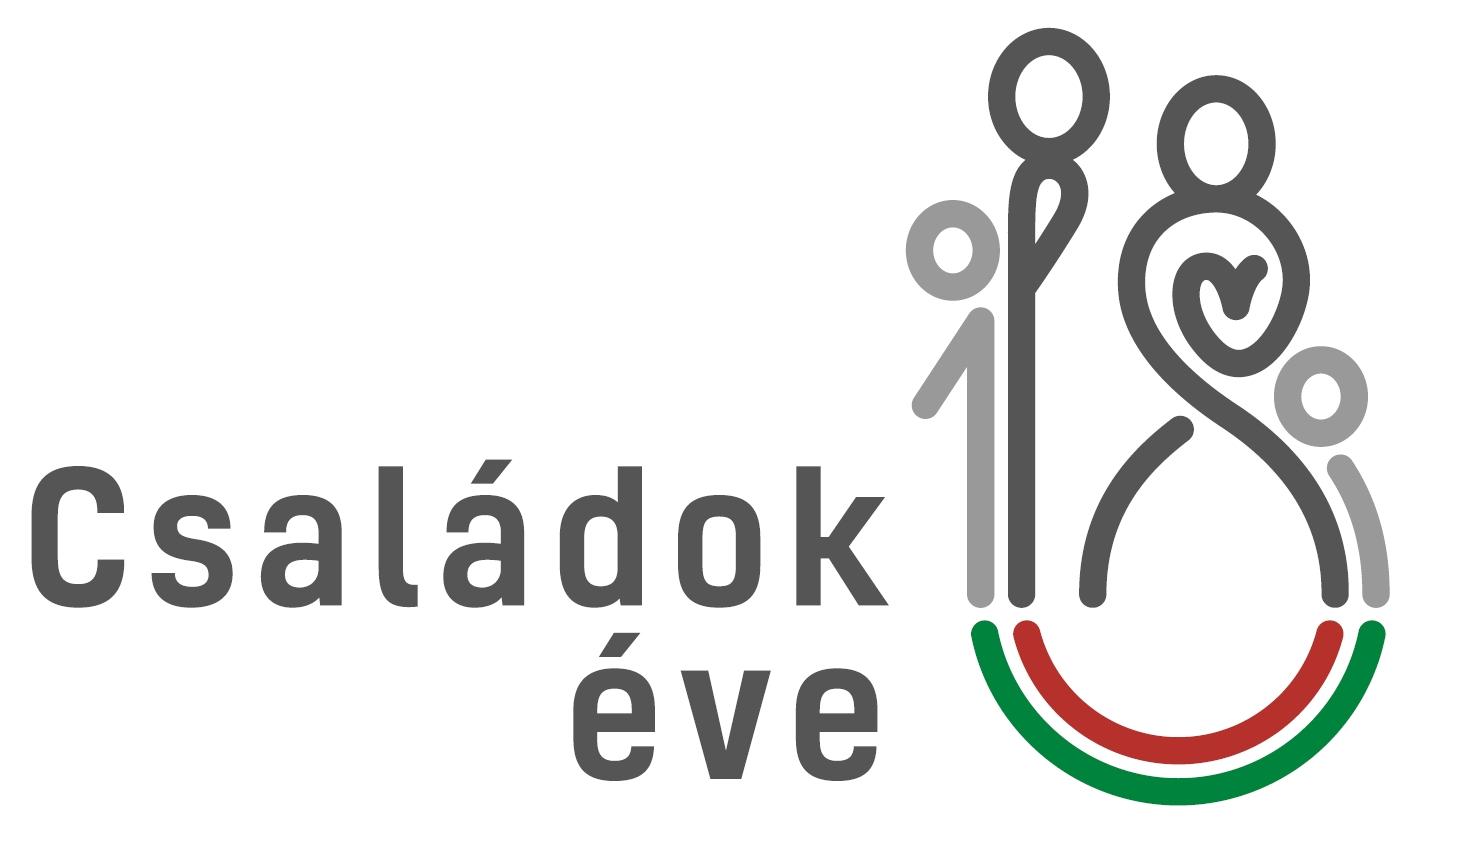 Családok éve 2018 logó